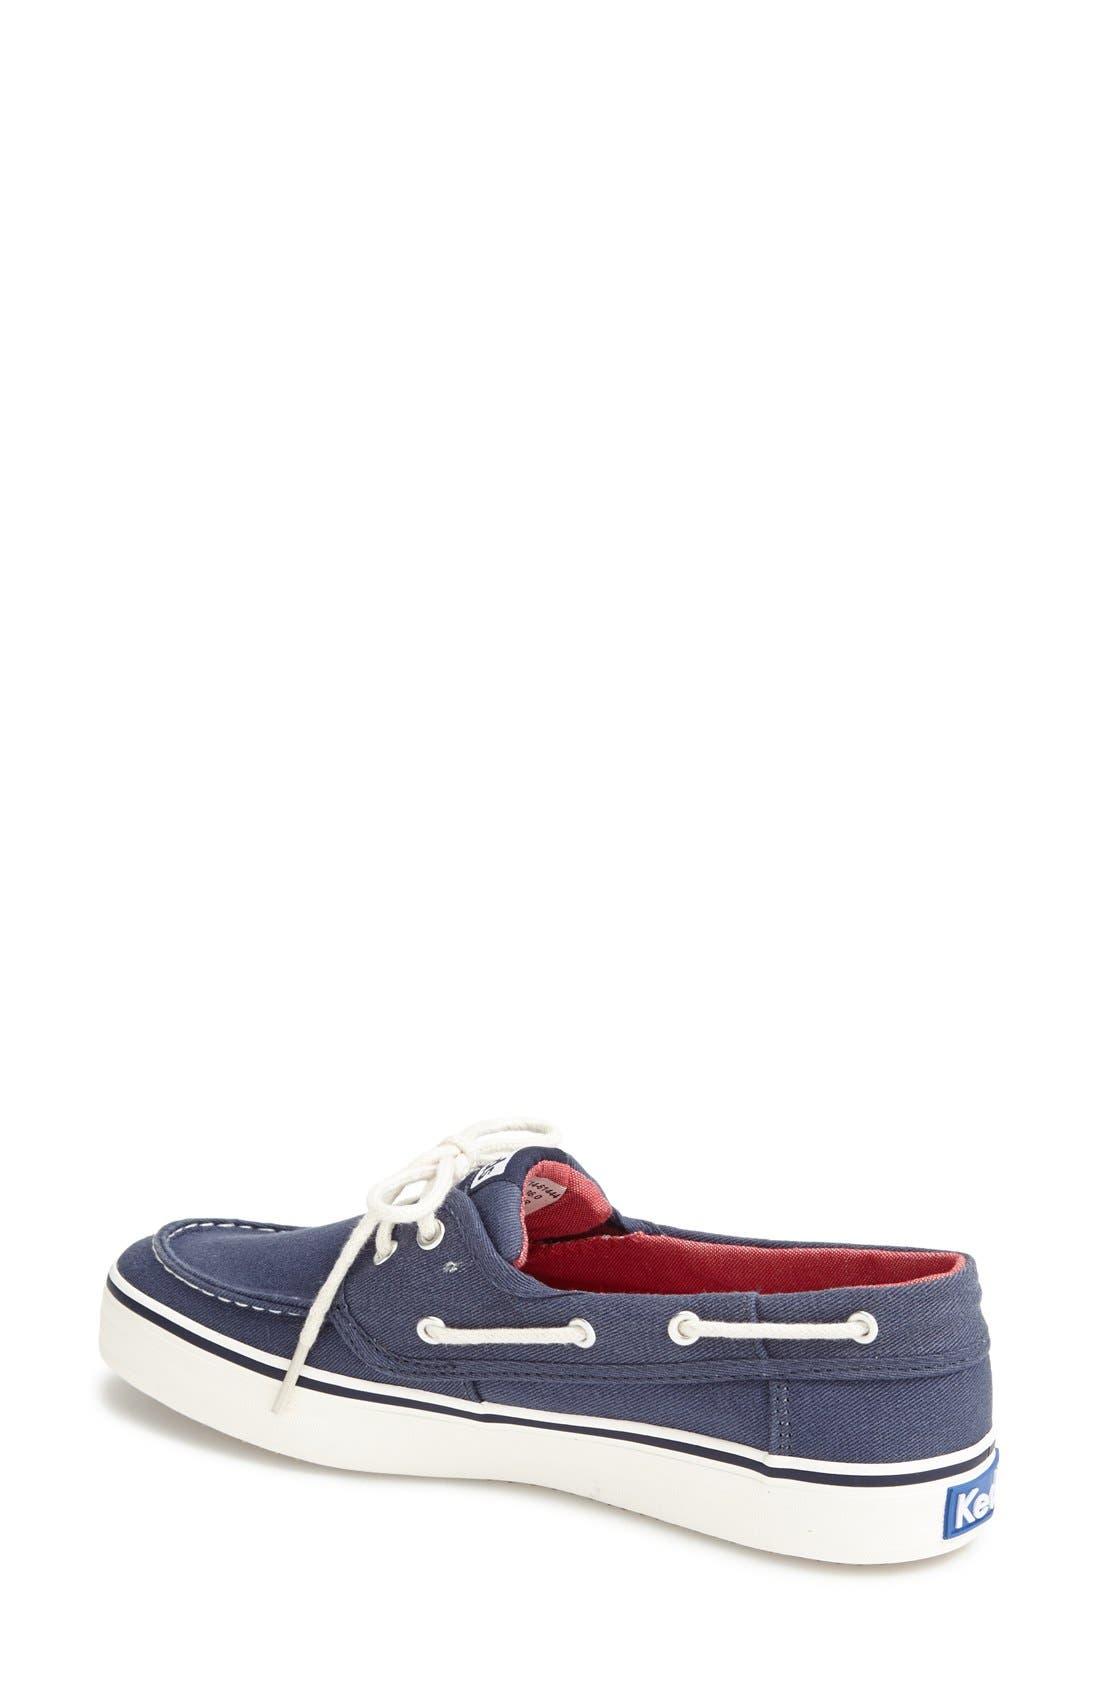 Alternate Image 2  - Keds® 'Bay Bird' Boat Shoe Sneaker (Women)